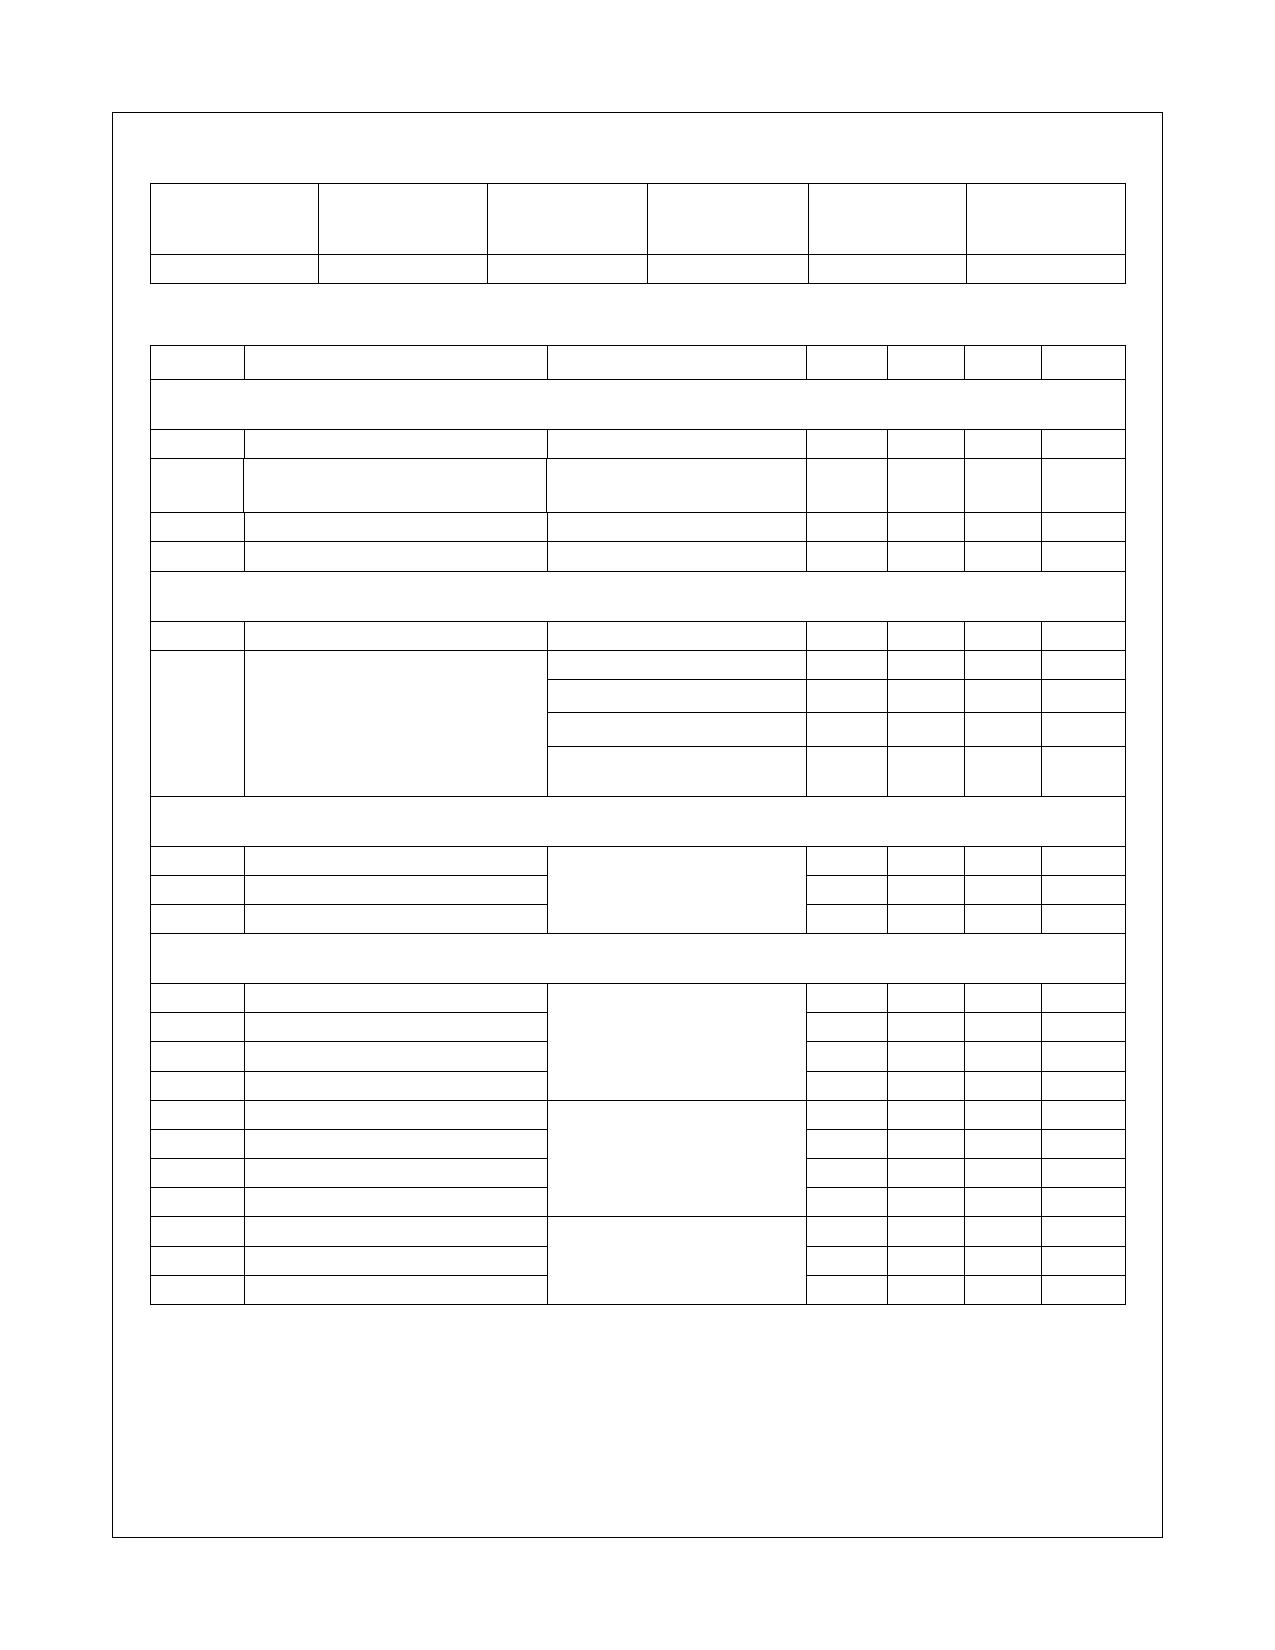 FGA70N33BTD pdf, schematic